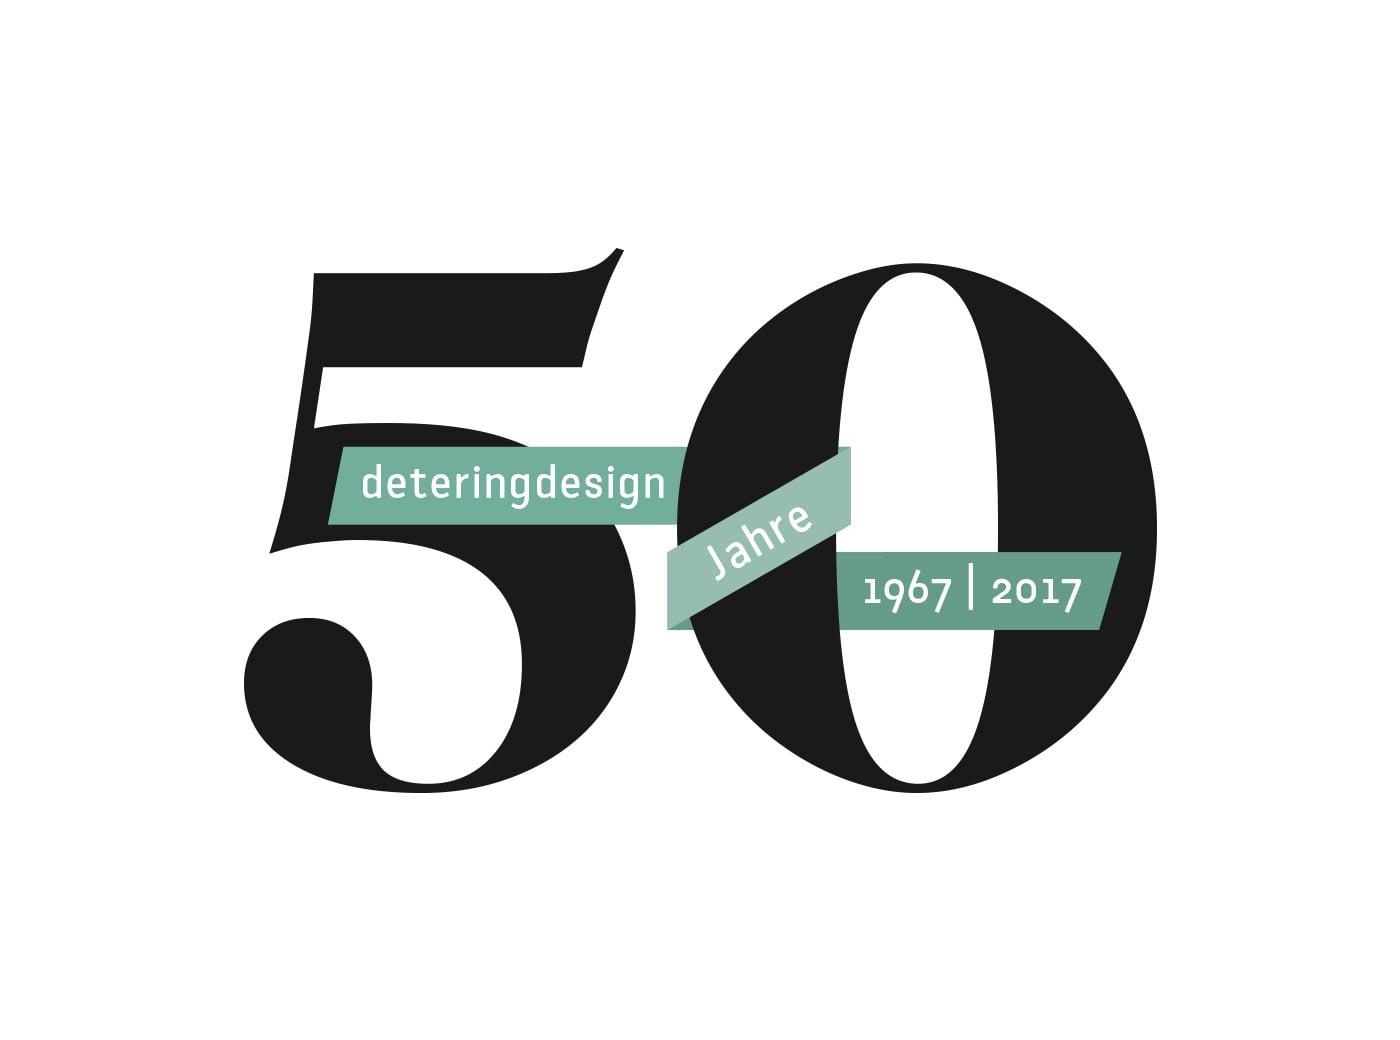 deteringdesign 50 Jahre Jubiläum